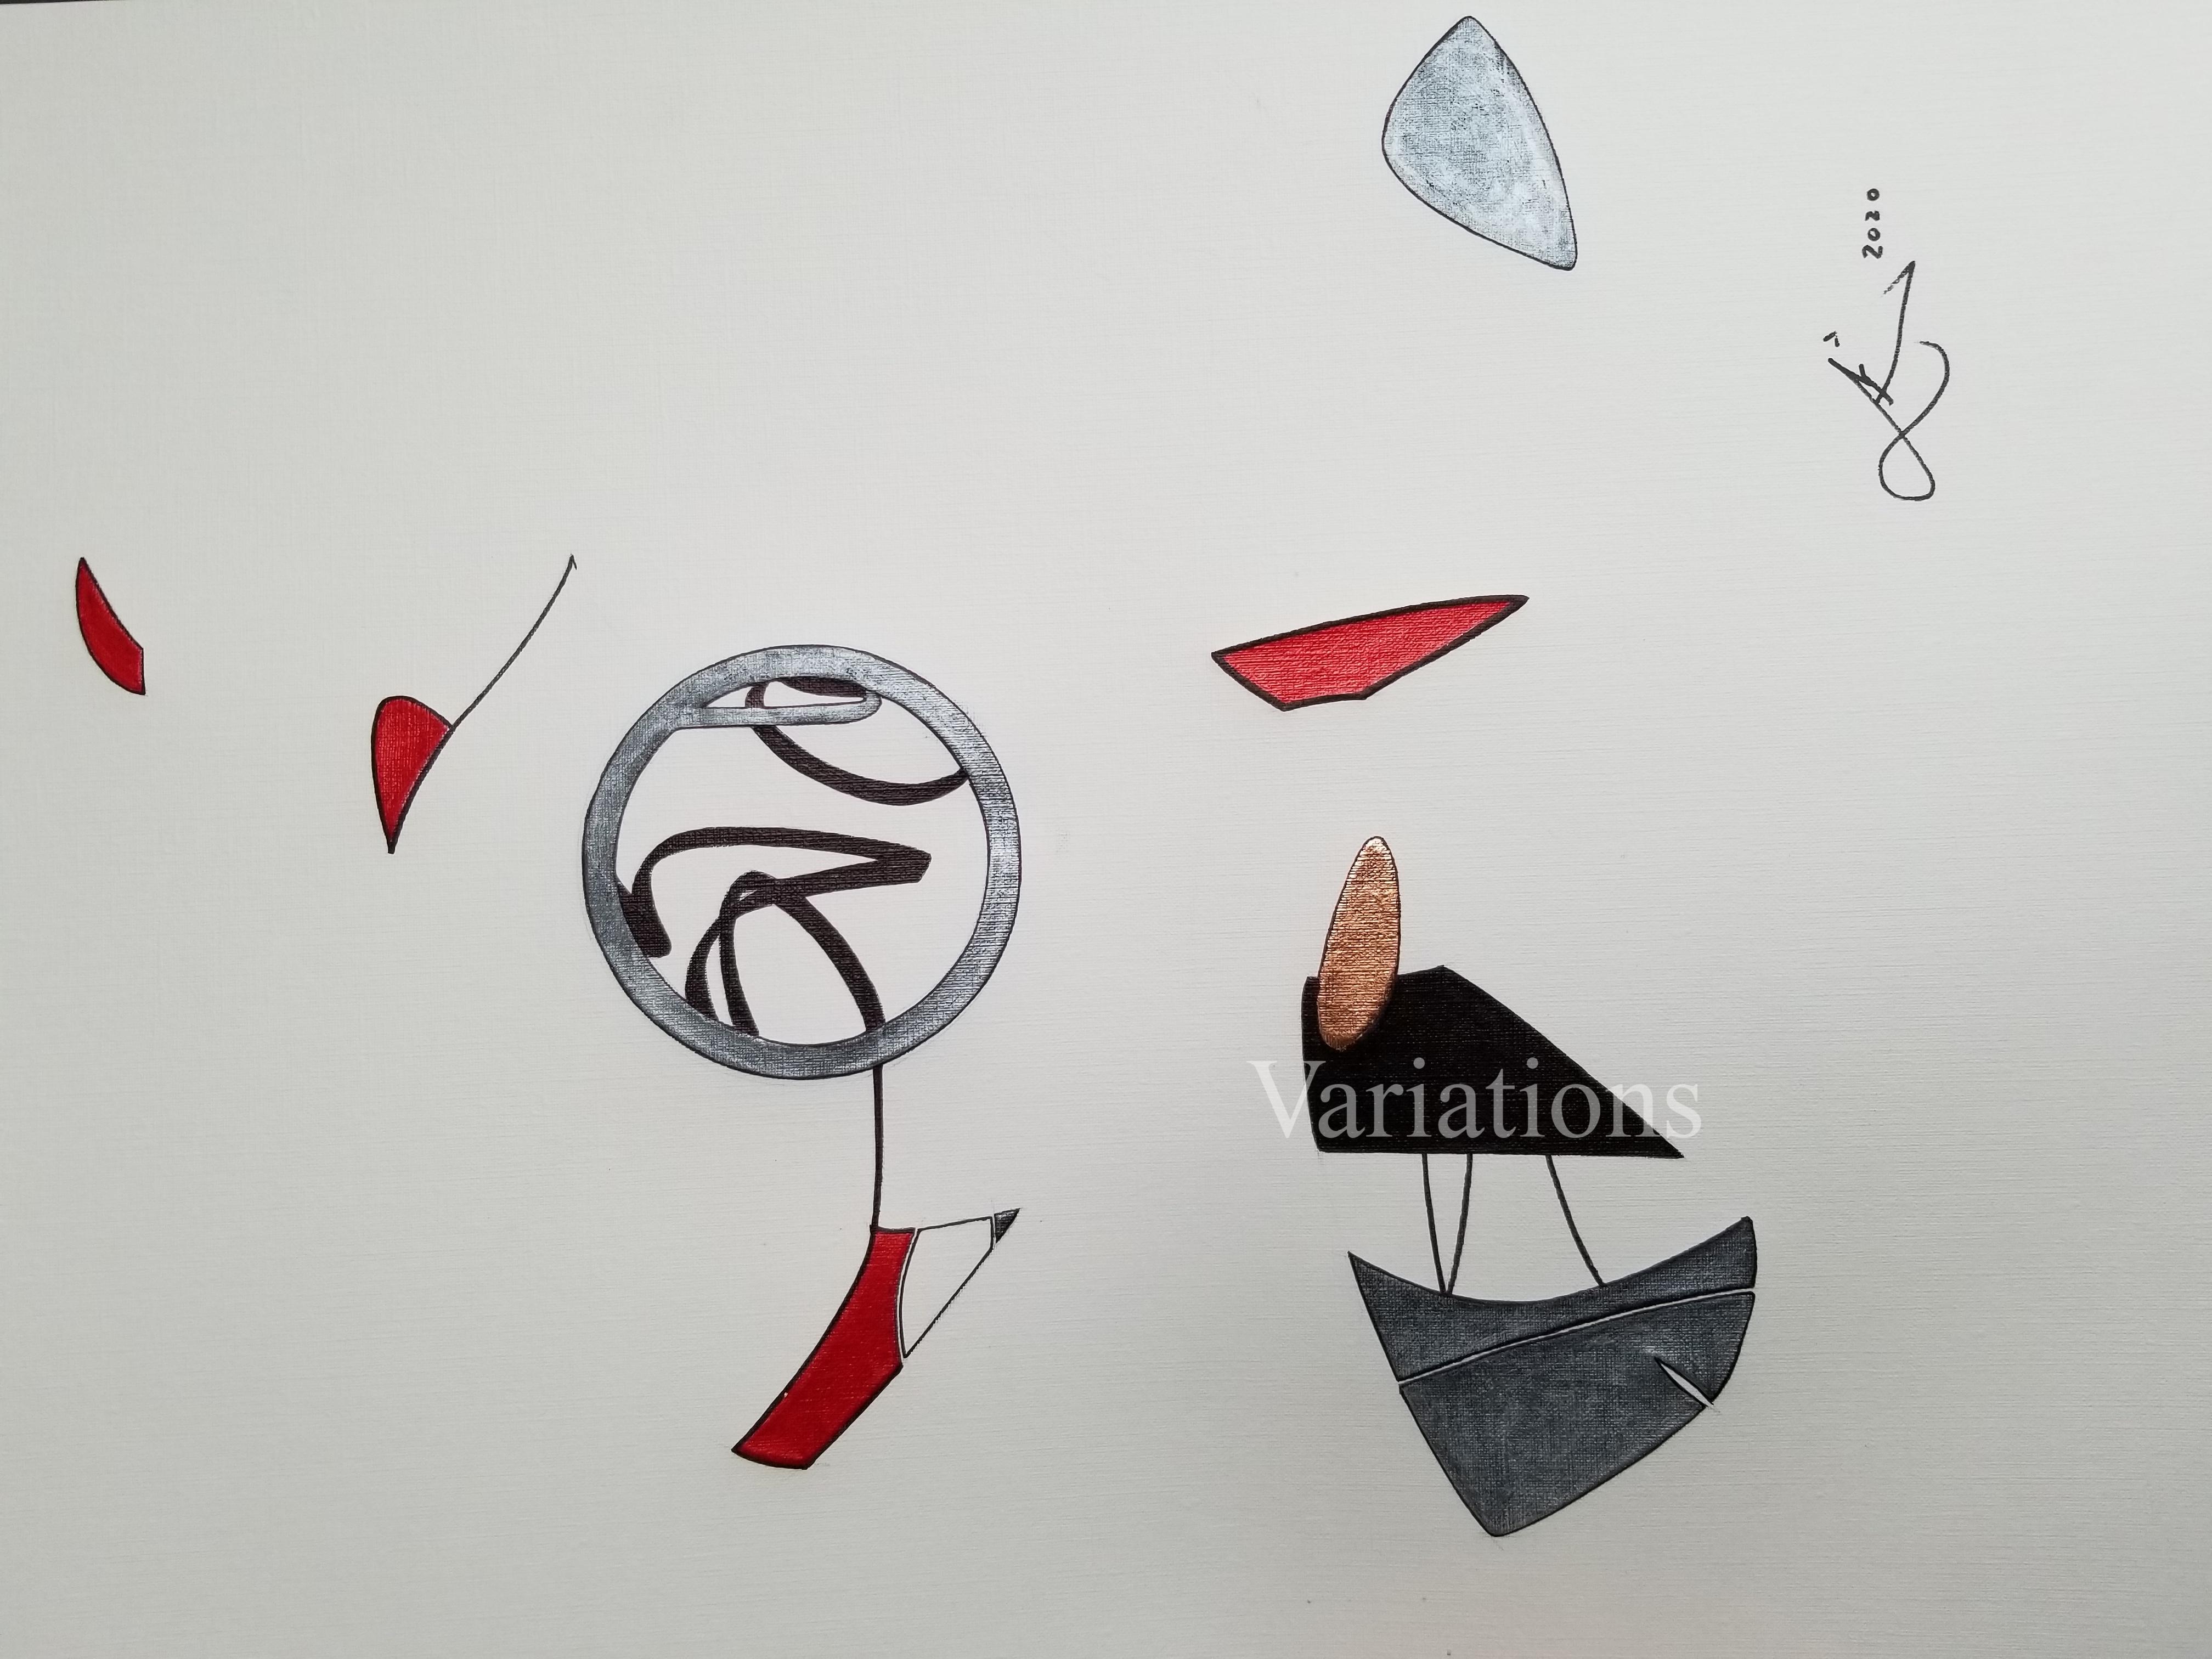 Variation 8 v.1: Dream Catcher